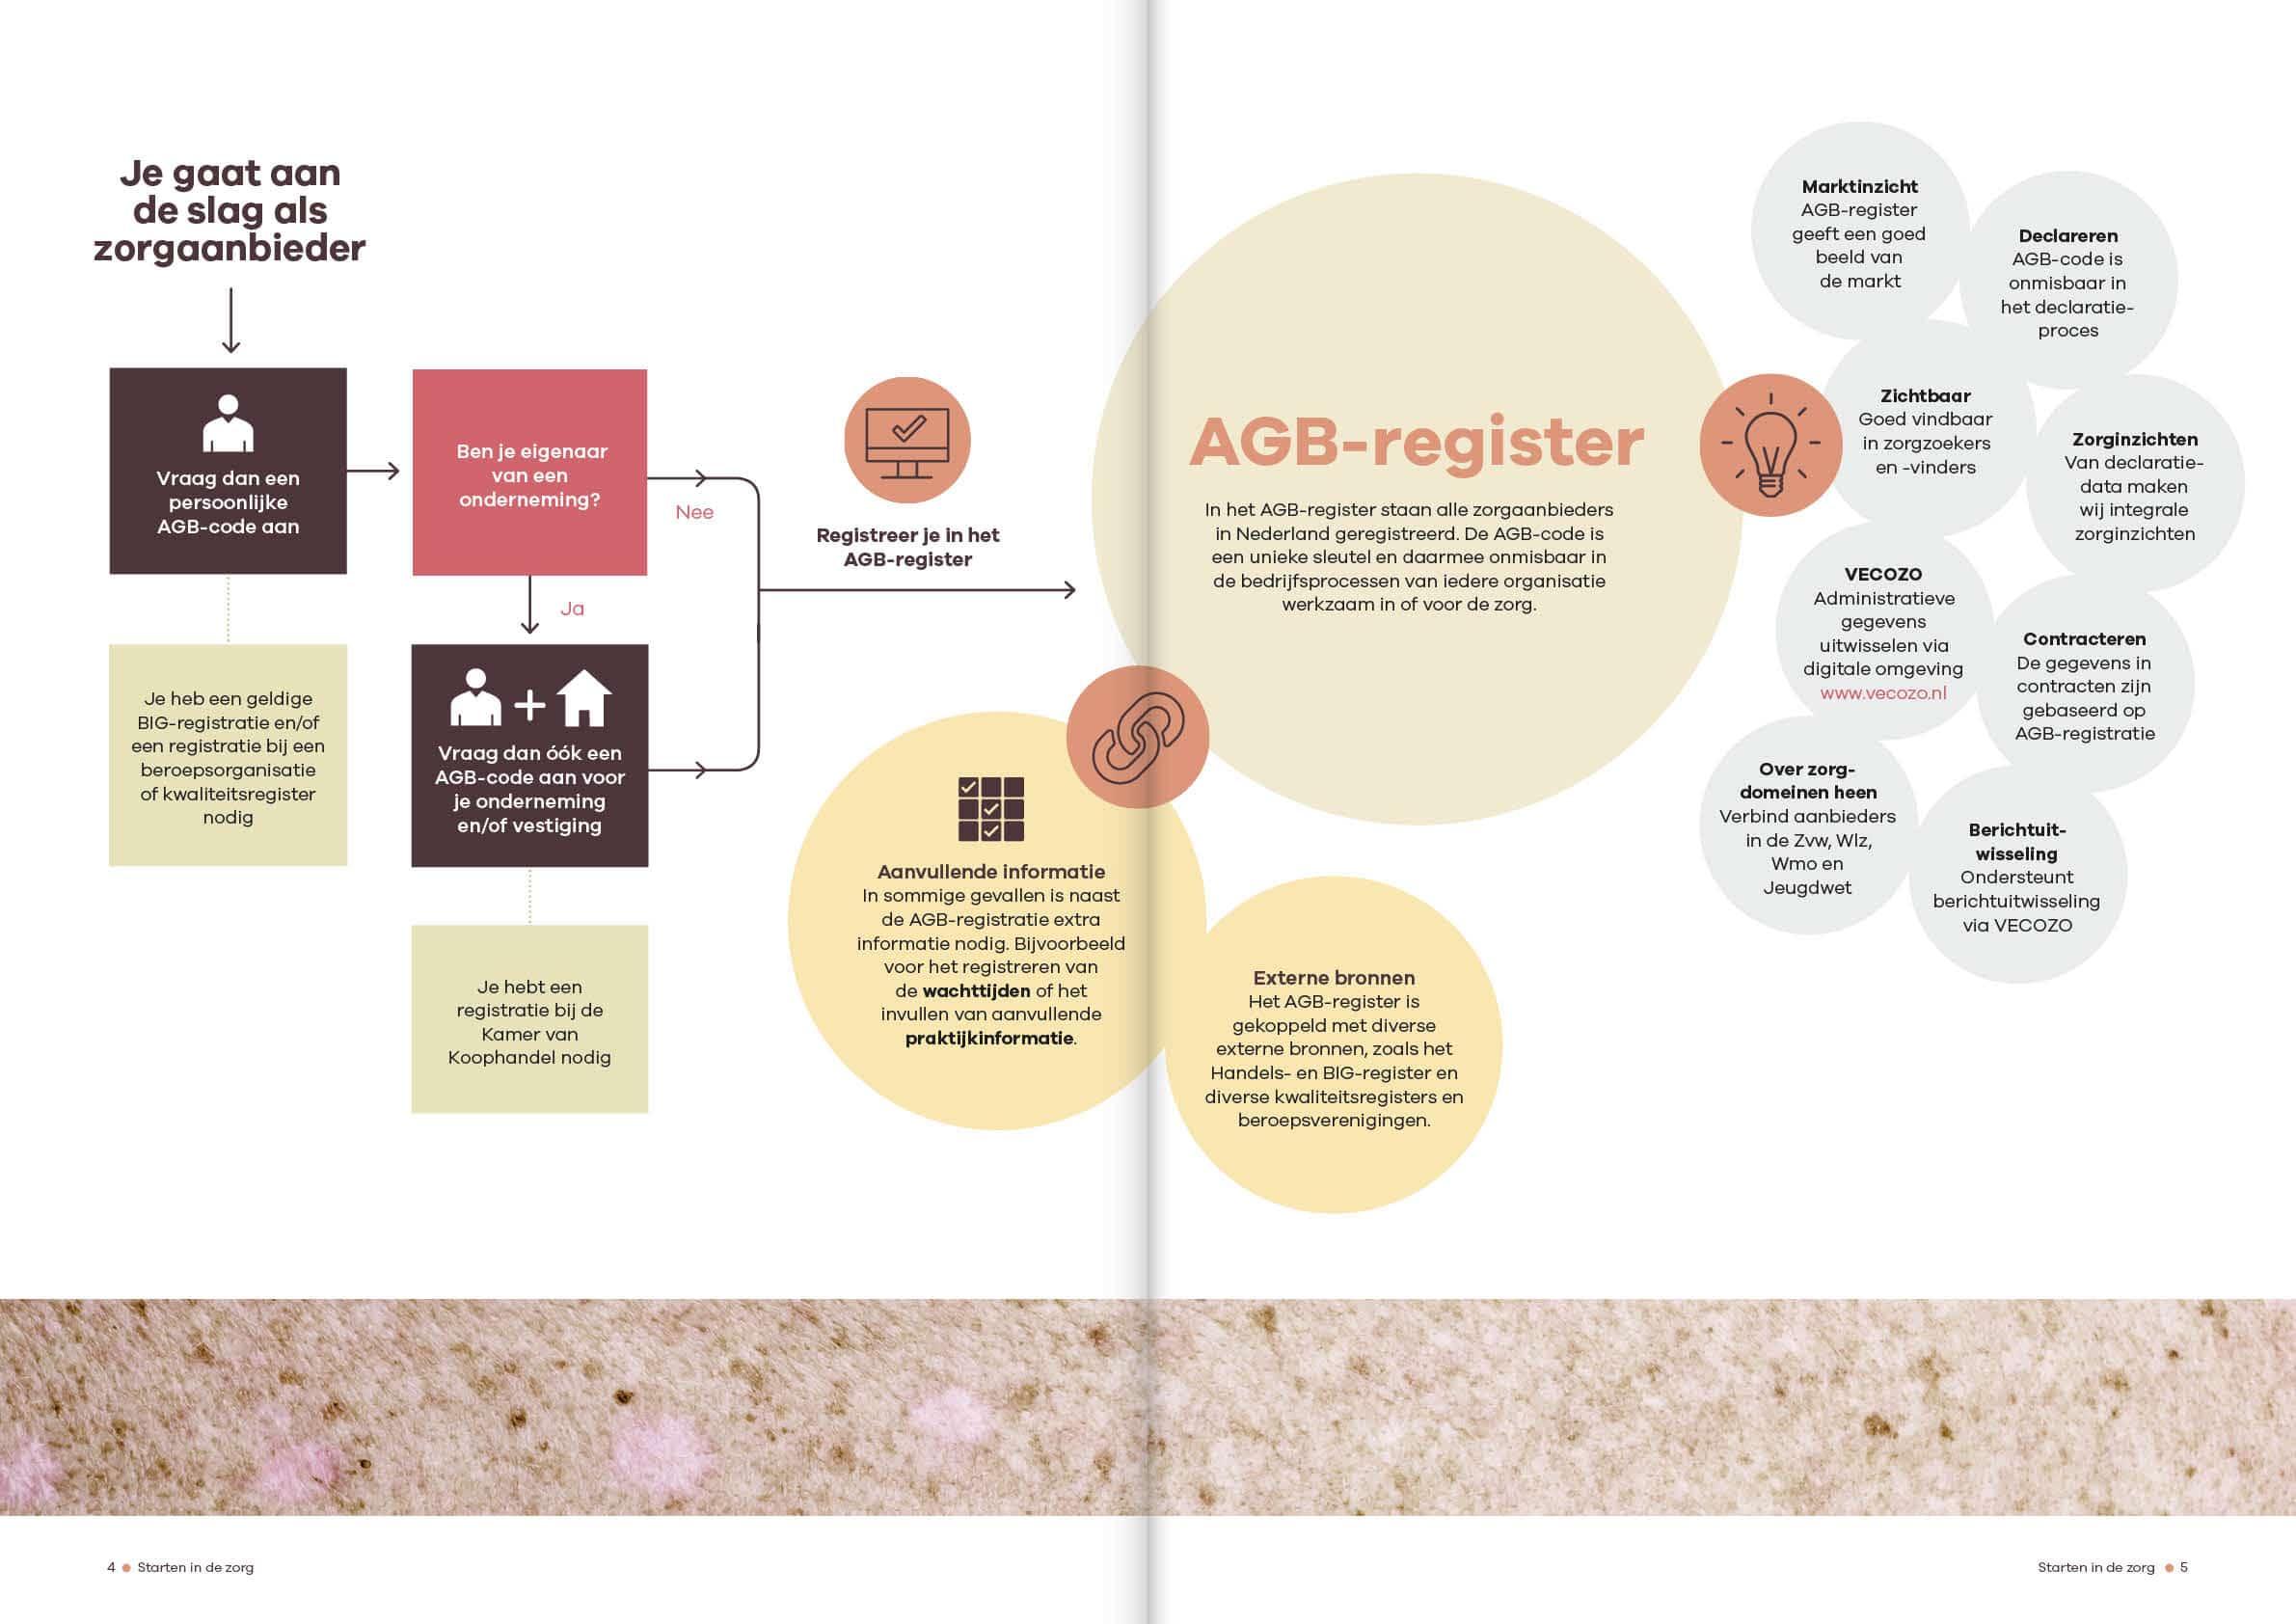 Ontwerp brochure starten in de zorg Vektis door snhontwerp - spread-4-5